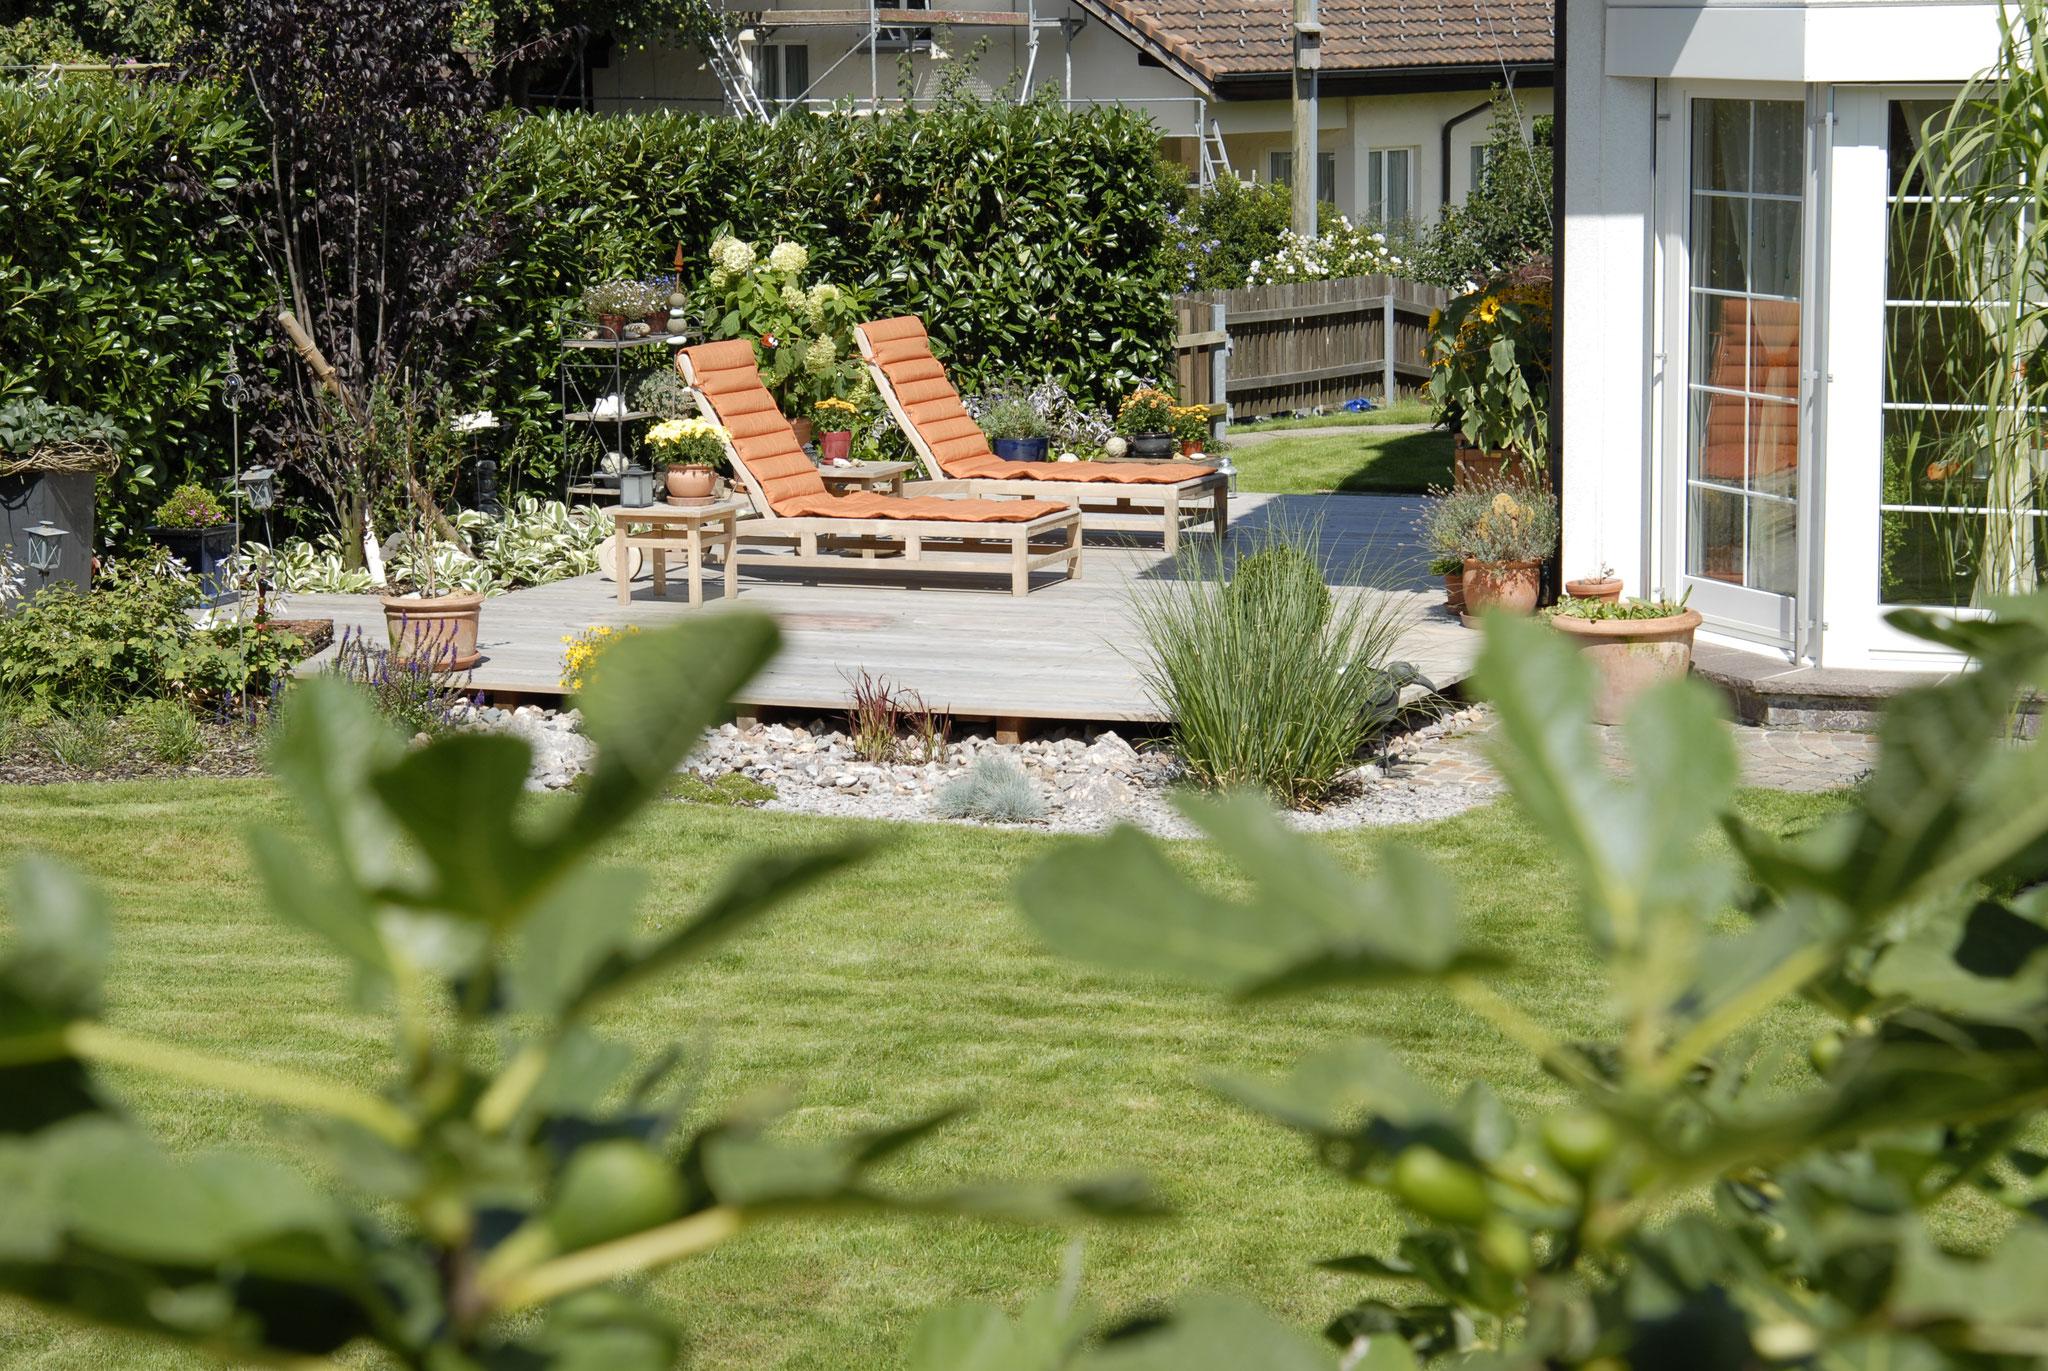 Menu huwiler gartengestaltung buttwil - Gartengestaltung app ...